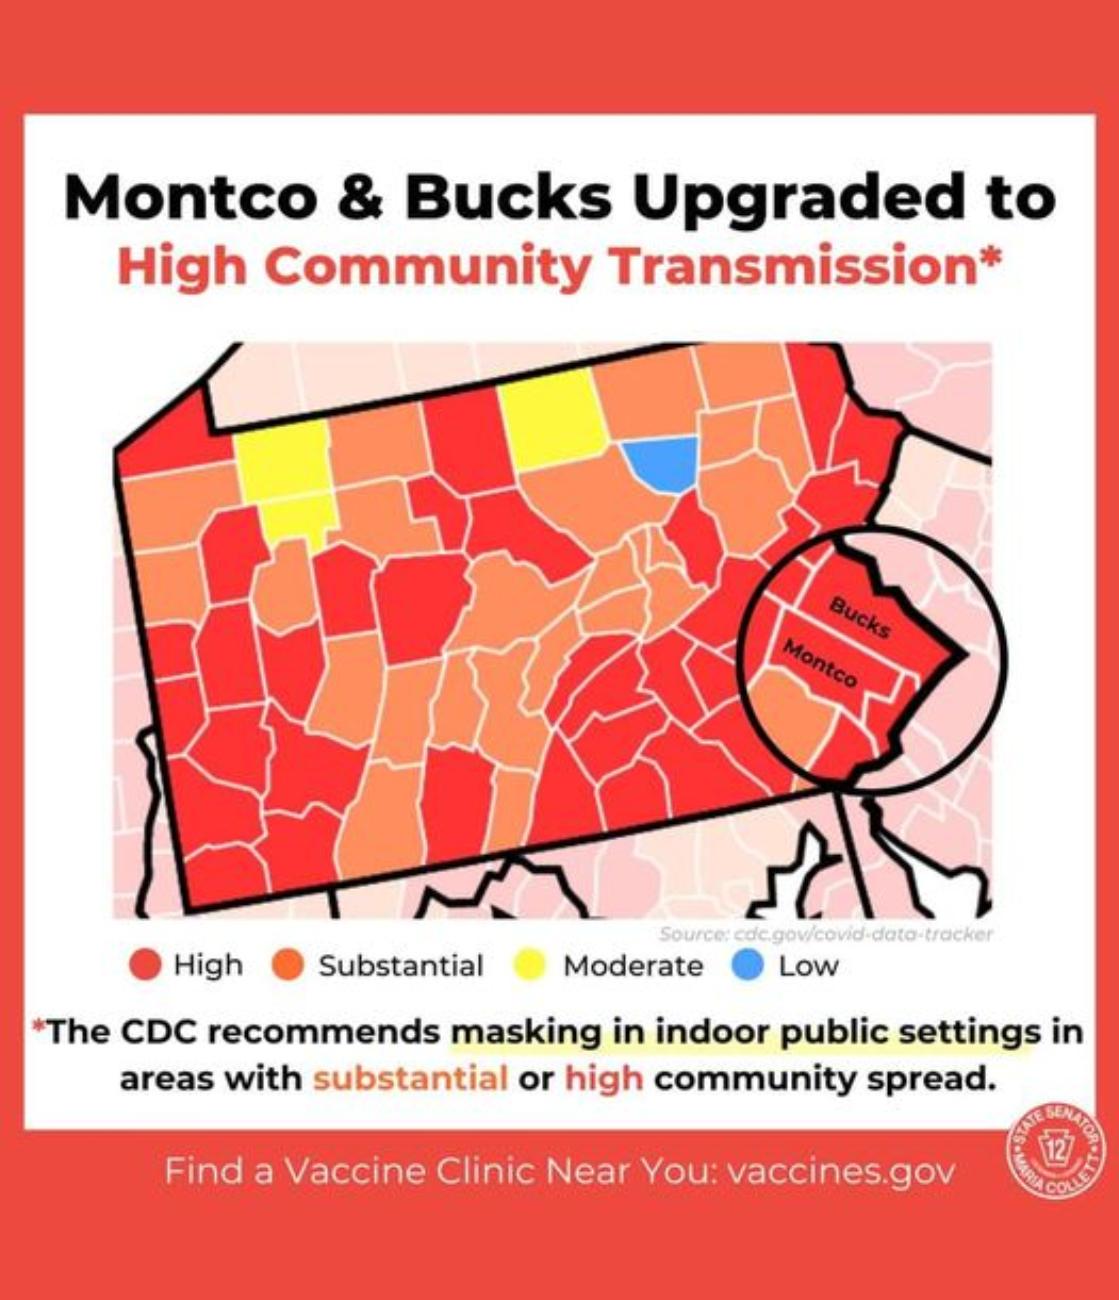 Montco & Bucks upgrade